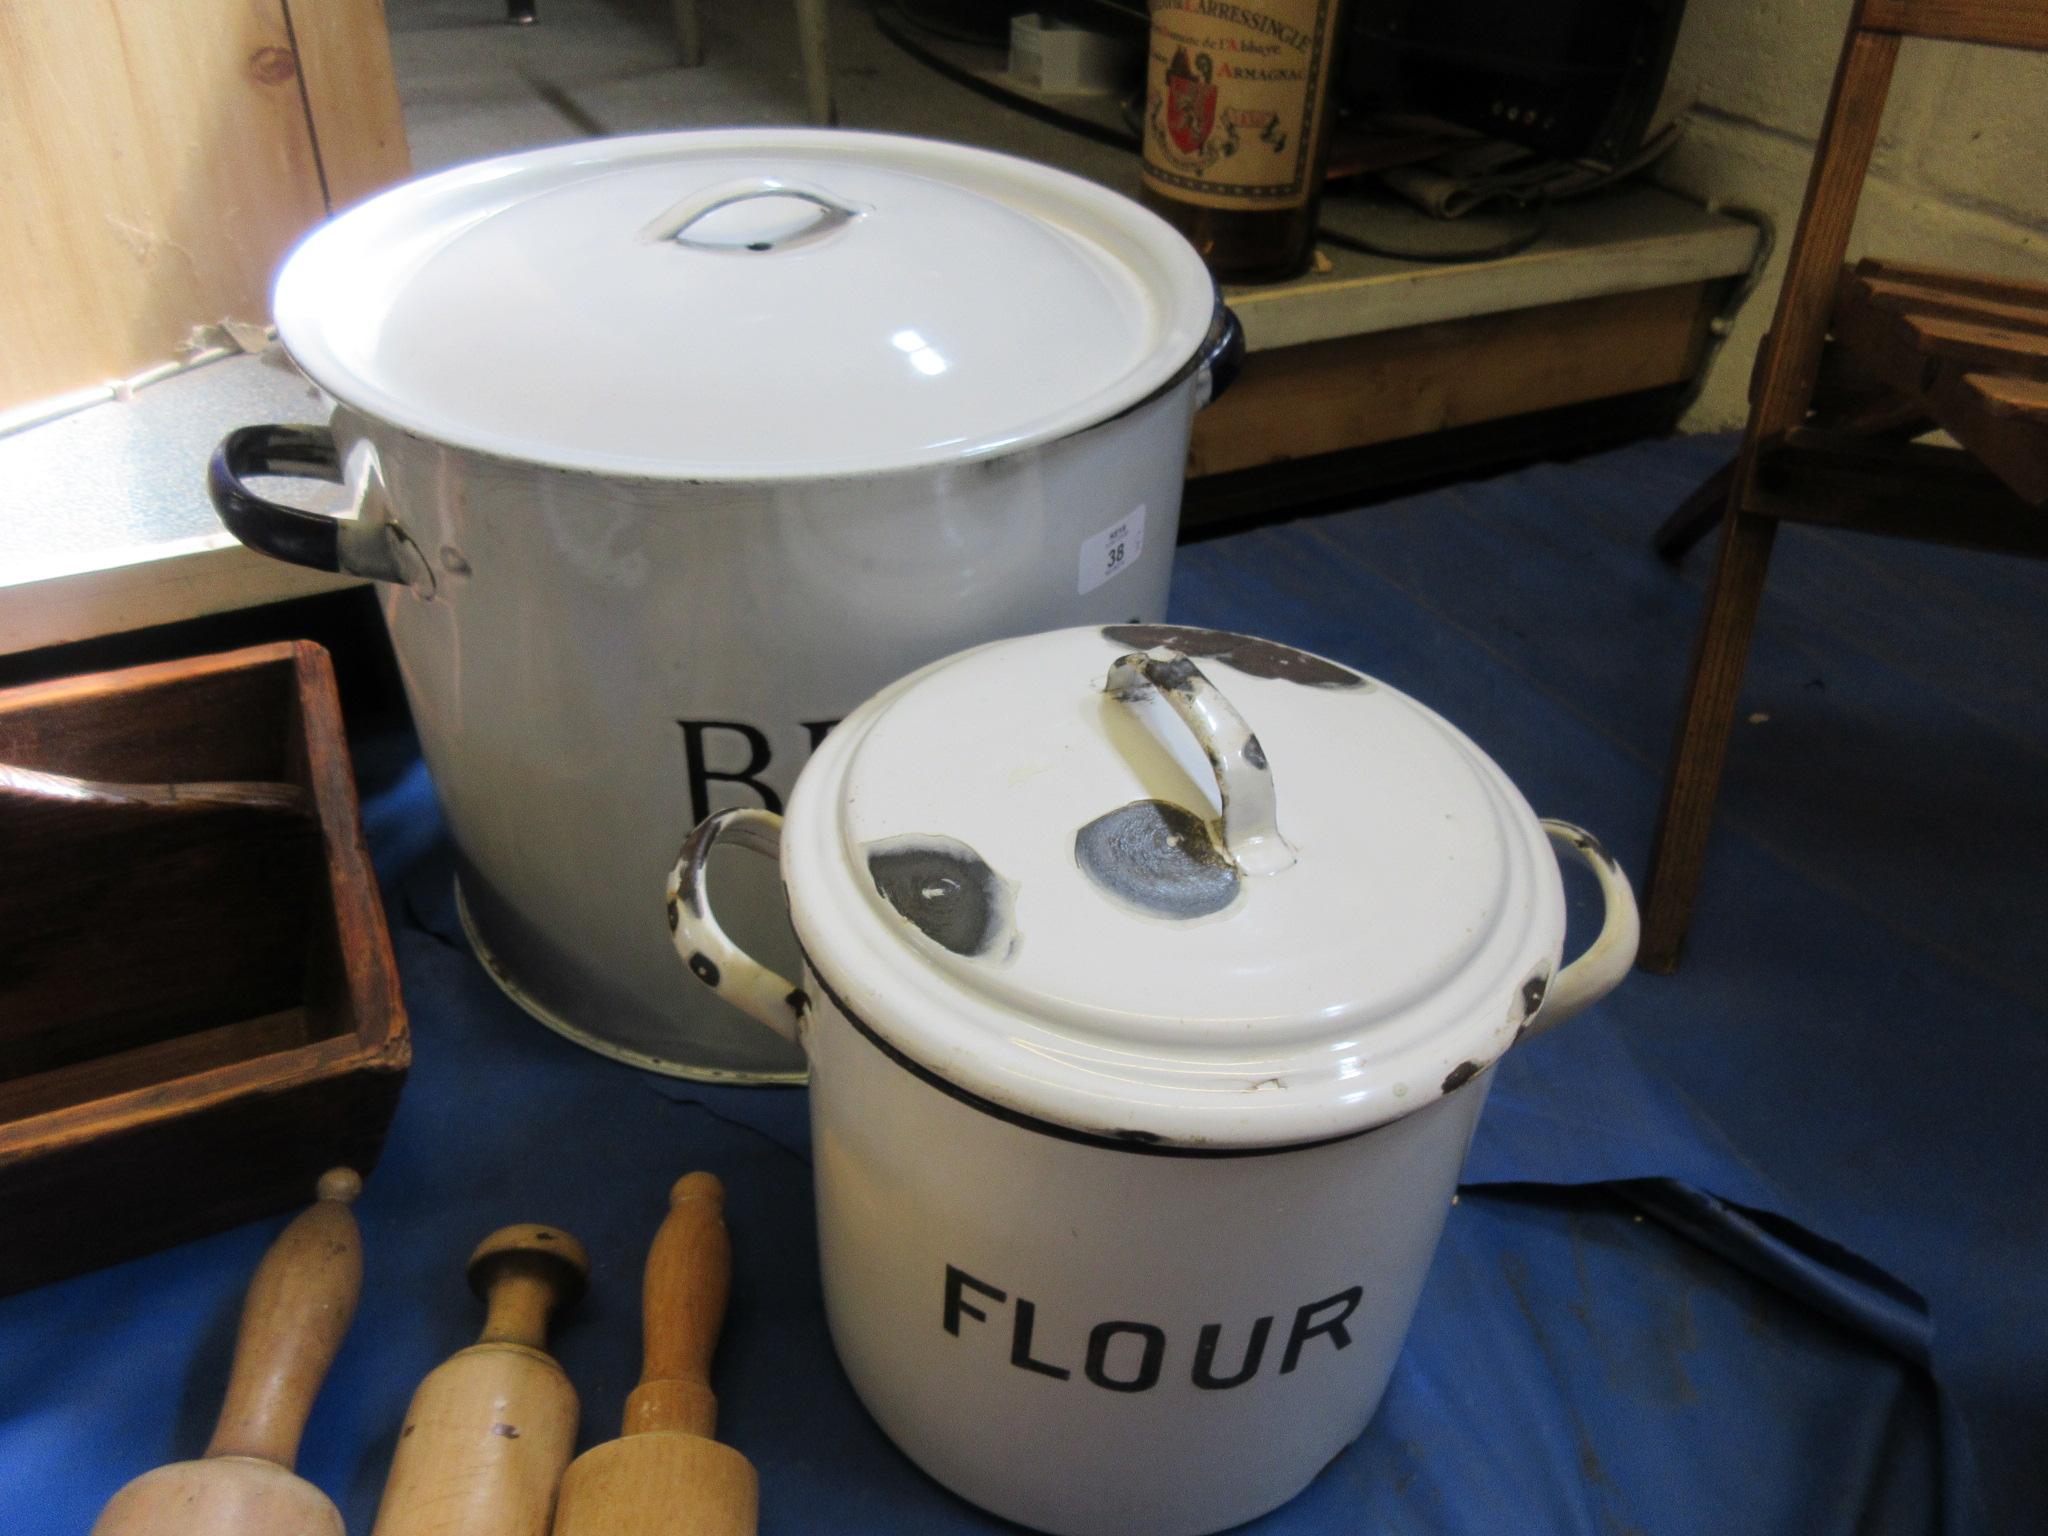 Lot 38 - Large enamel bread bin and flower bin